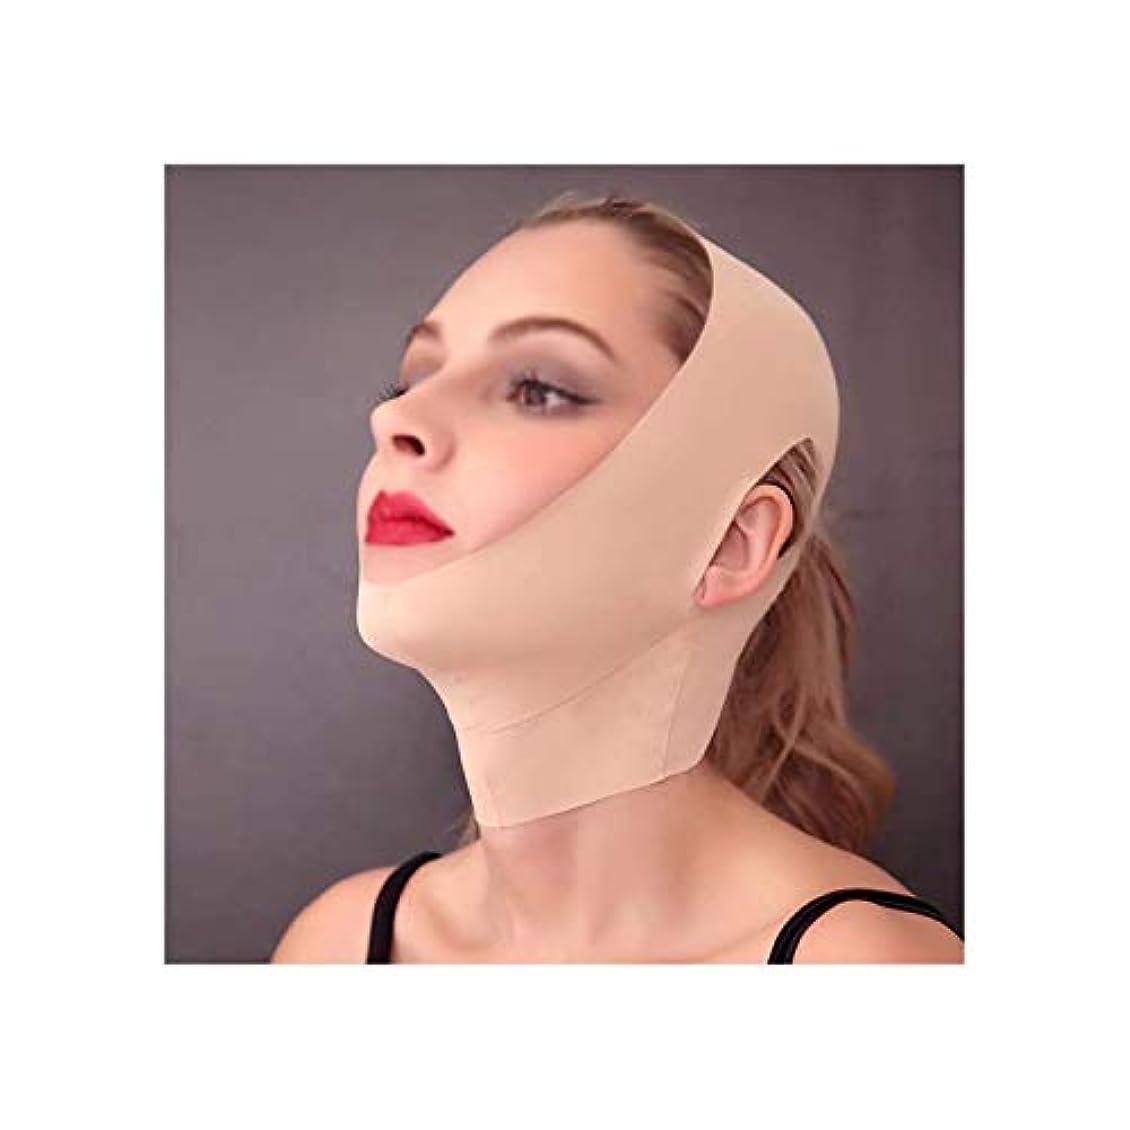 パイスピーカー鼻フェイシャルマスク、フェイスリフティングアーティファクト女性男性の睡眠顔Vフェイス包帯マスクリフティングフェイス補正引き締め顔に二重あご痩身ベルト